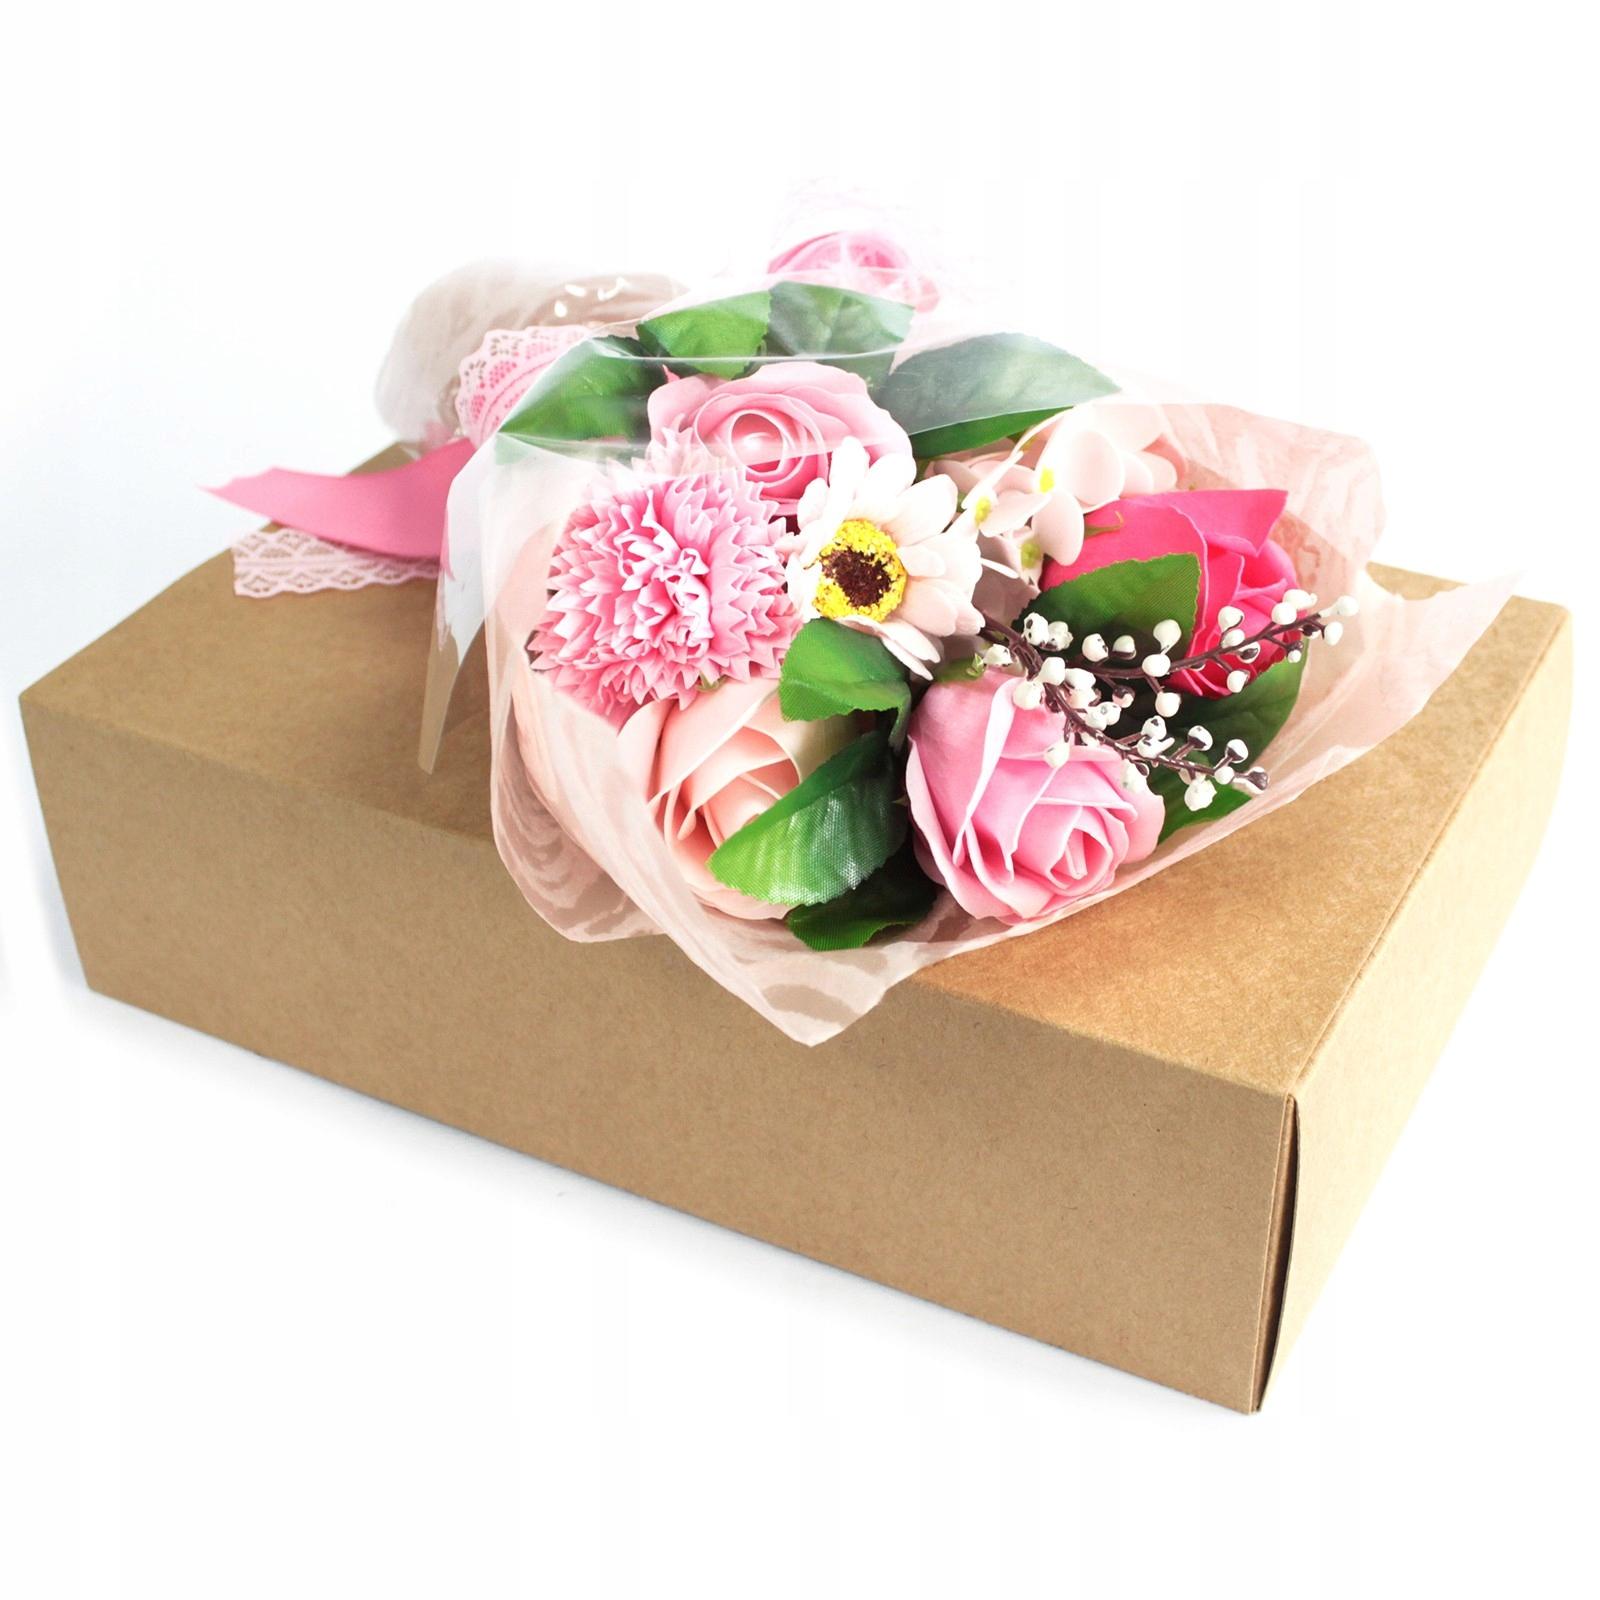 Mydlany Bukiet Kwiatowy Różowe Róże